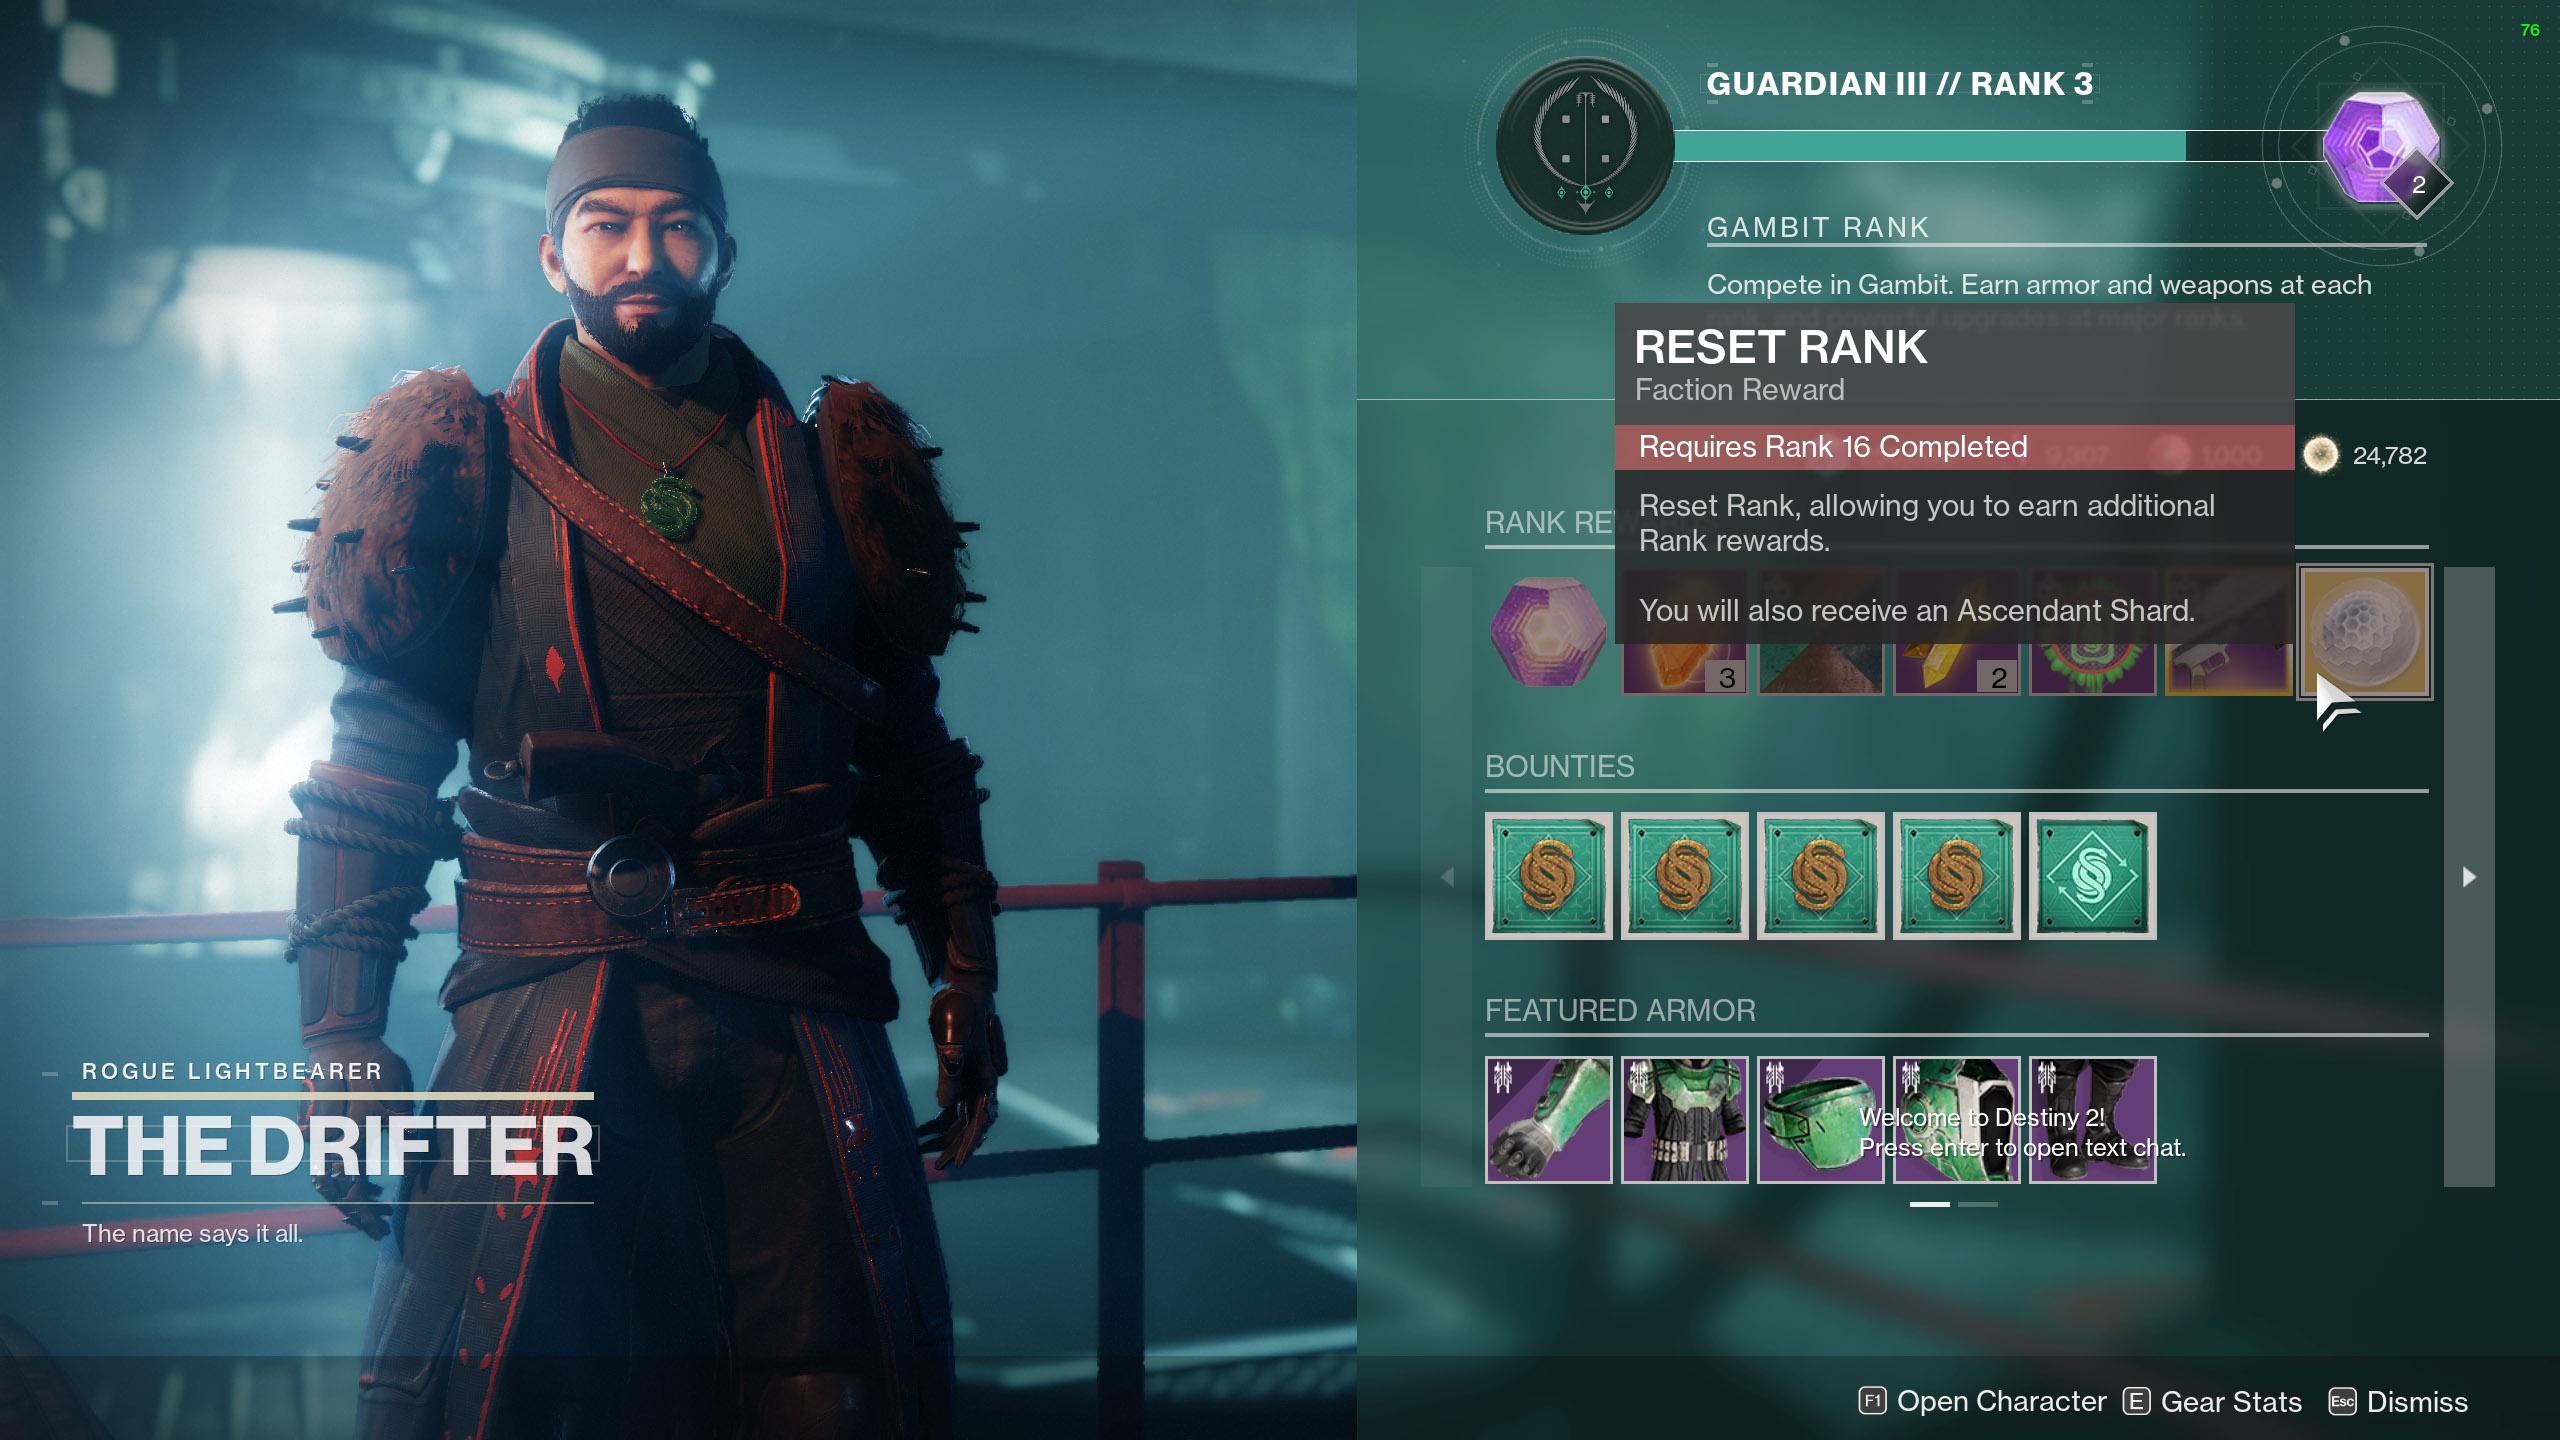 destiny 2 reset gambit ranks